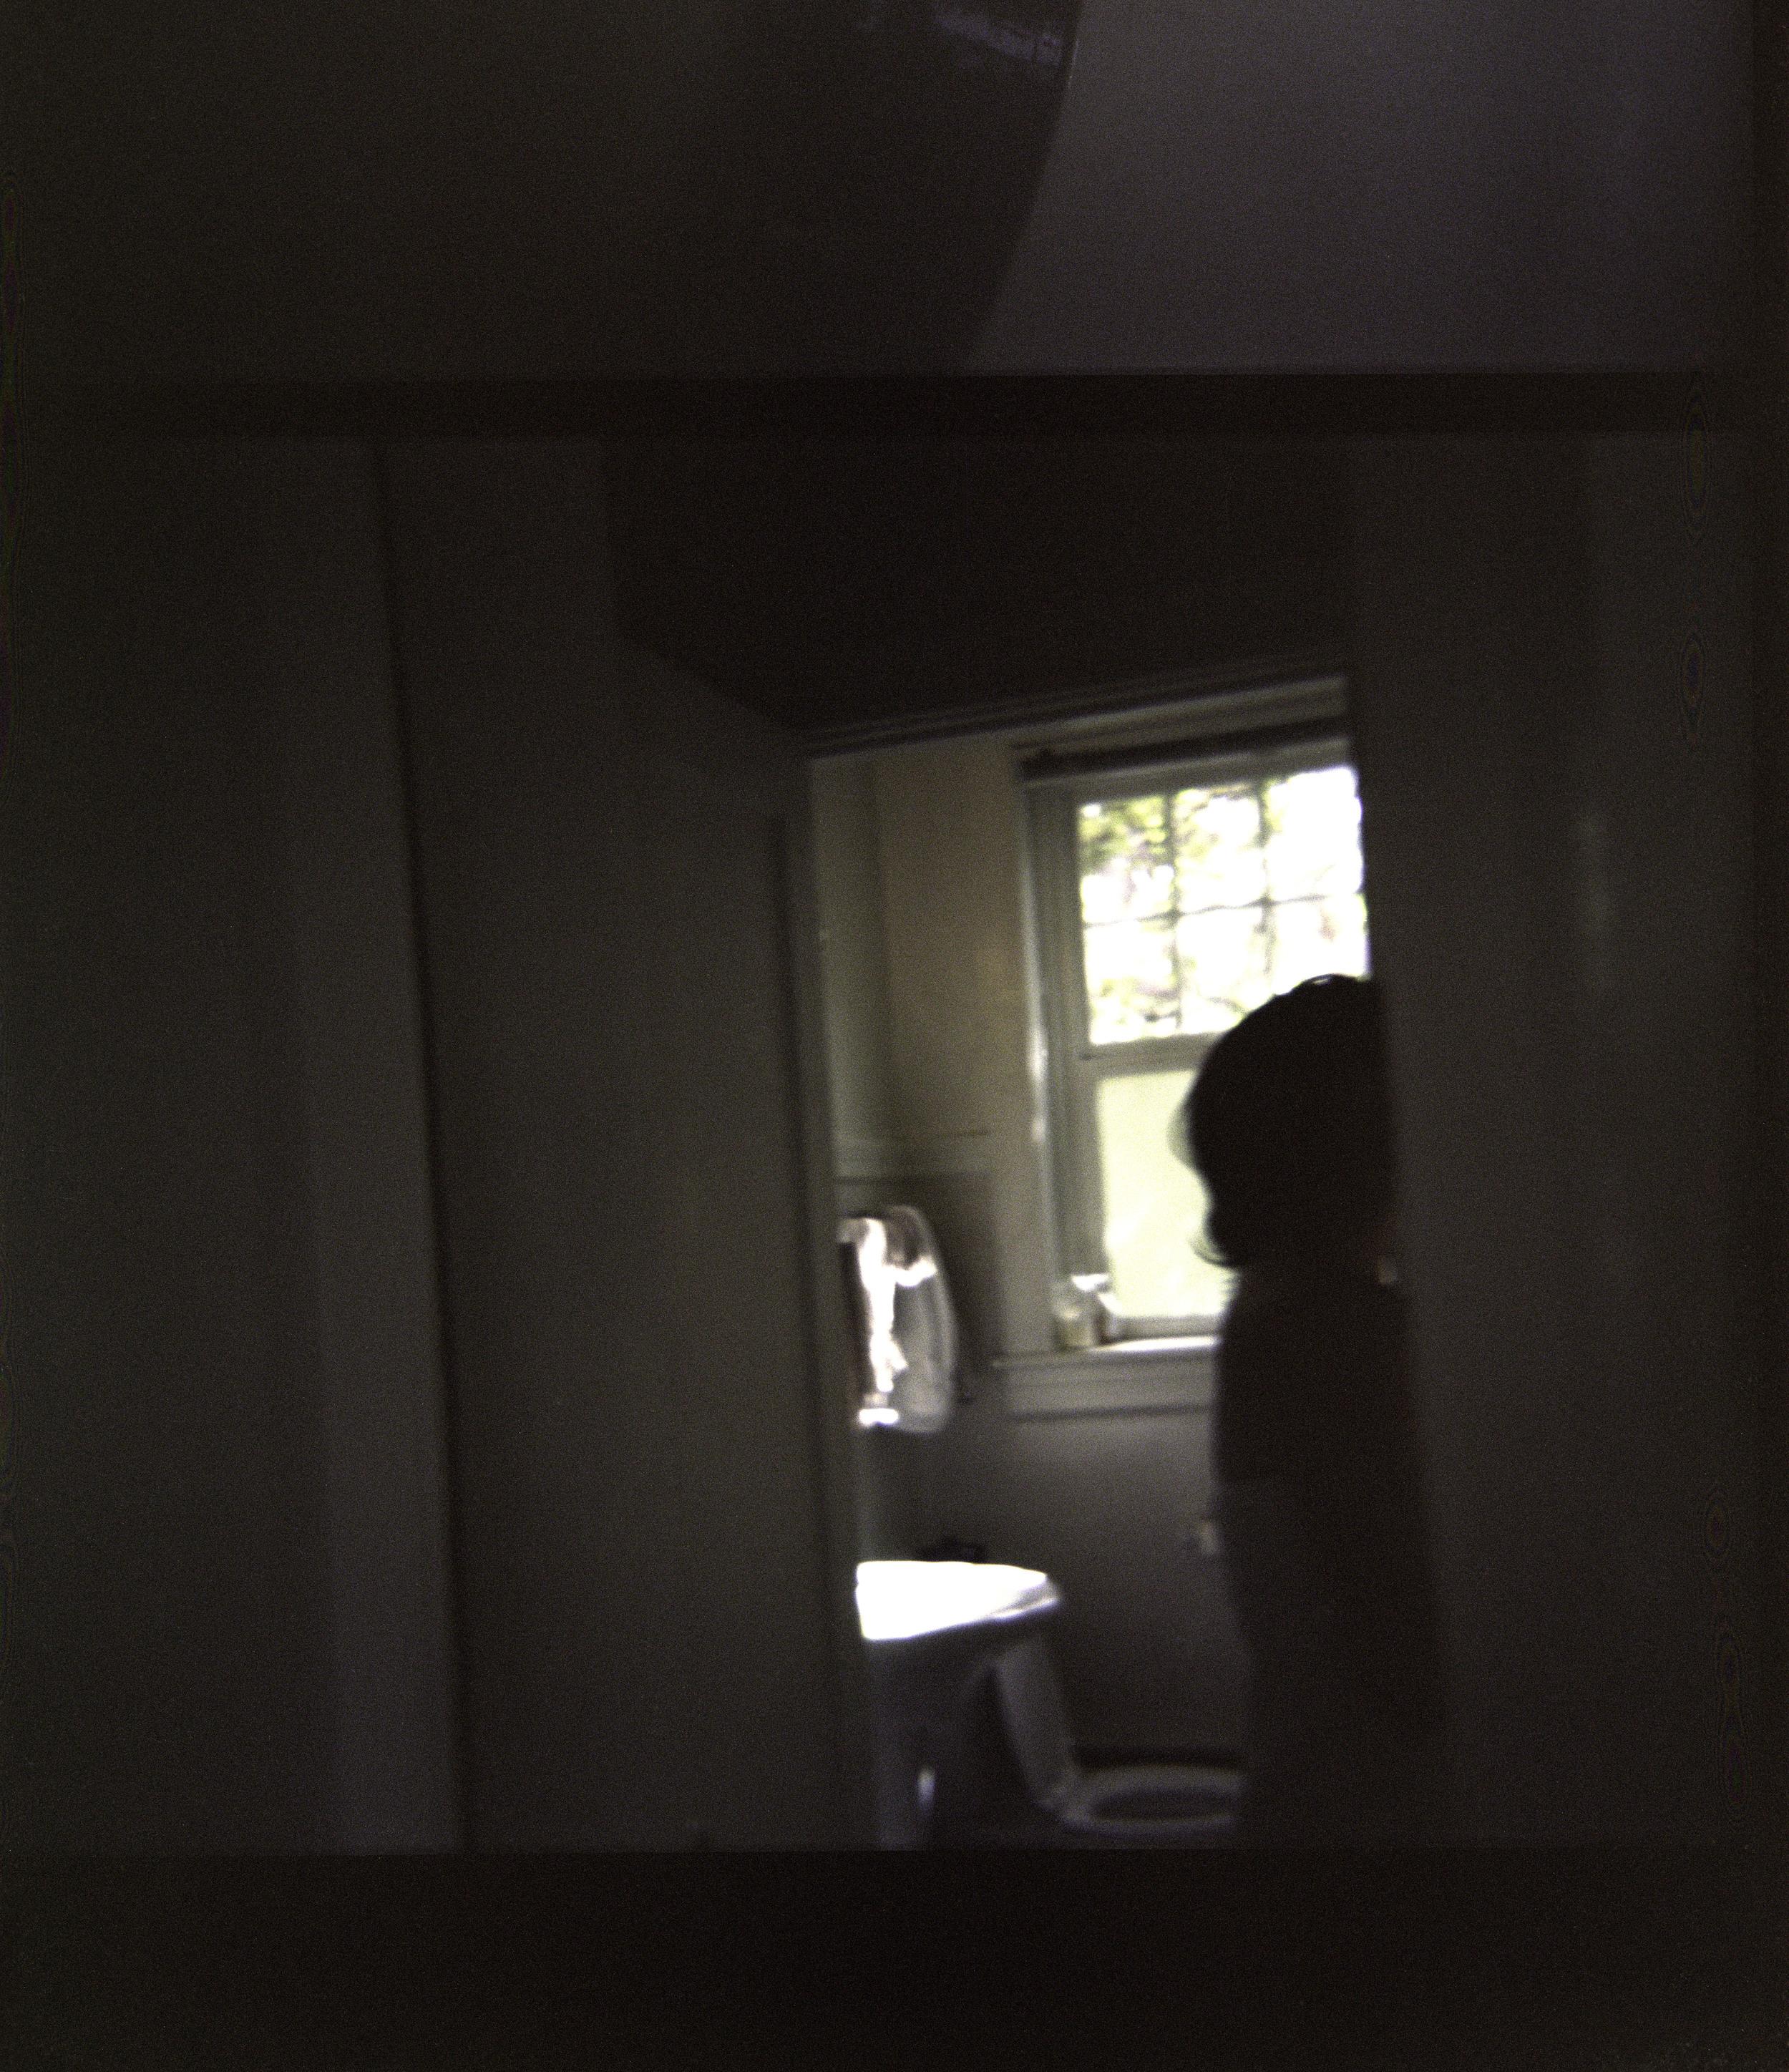 EditedbathroomselfportraitlessdustScan-140427-0001.jpg